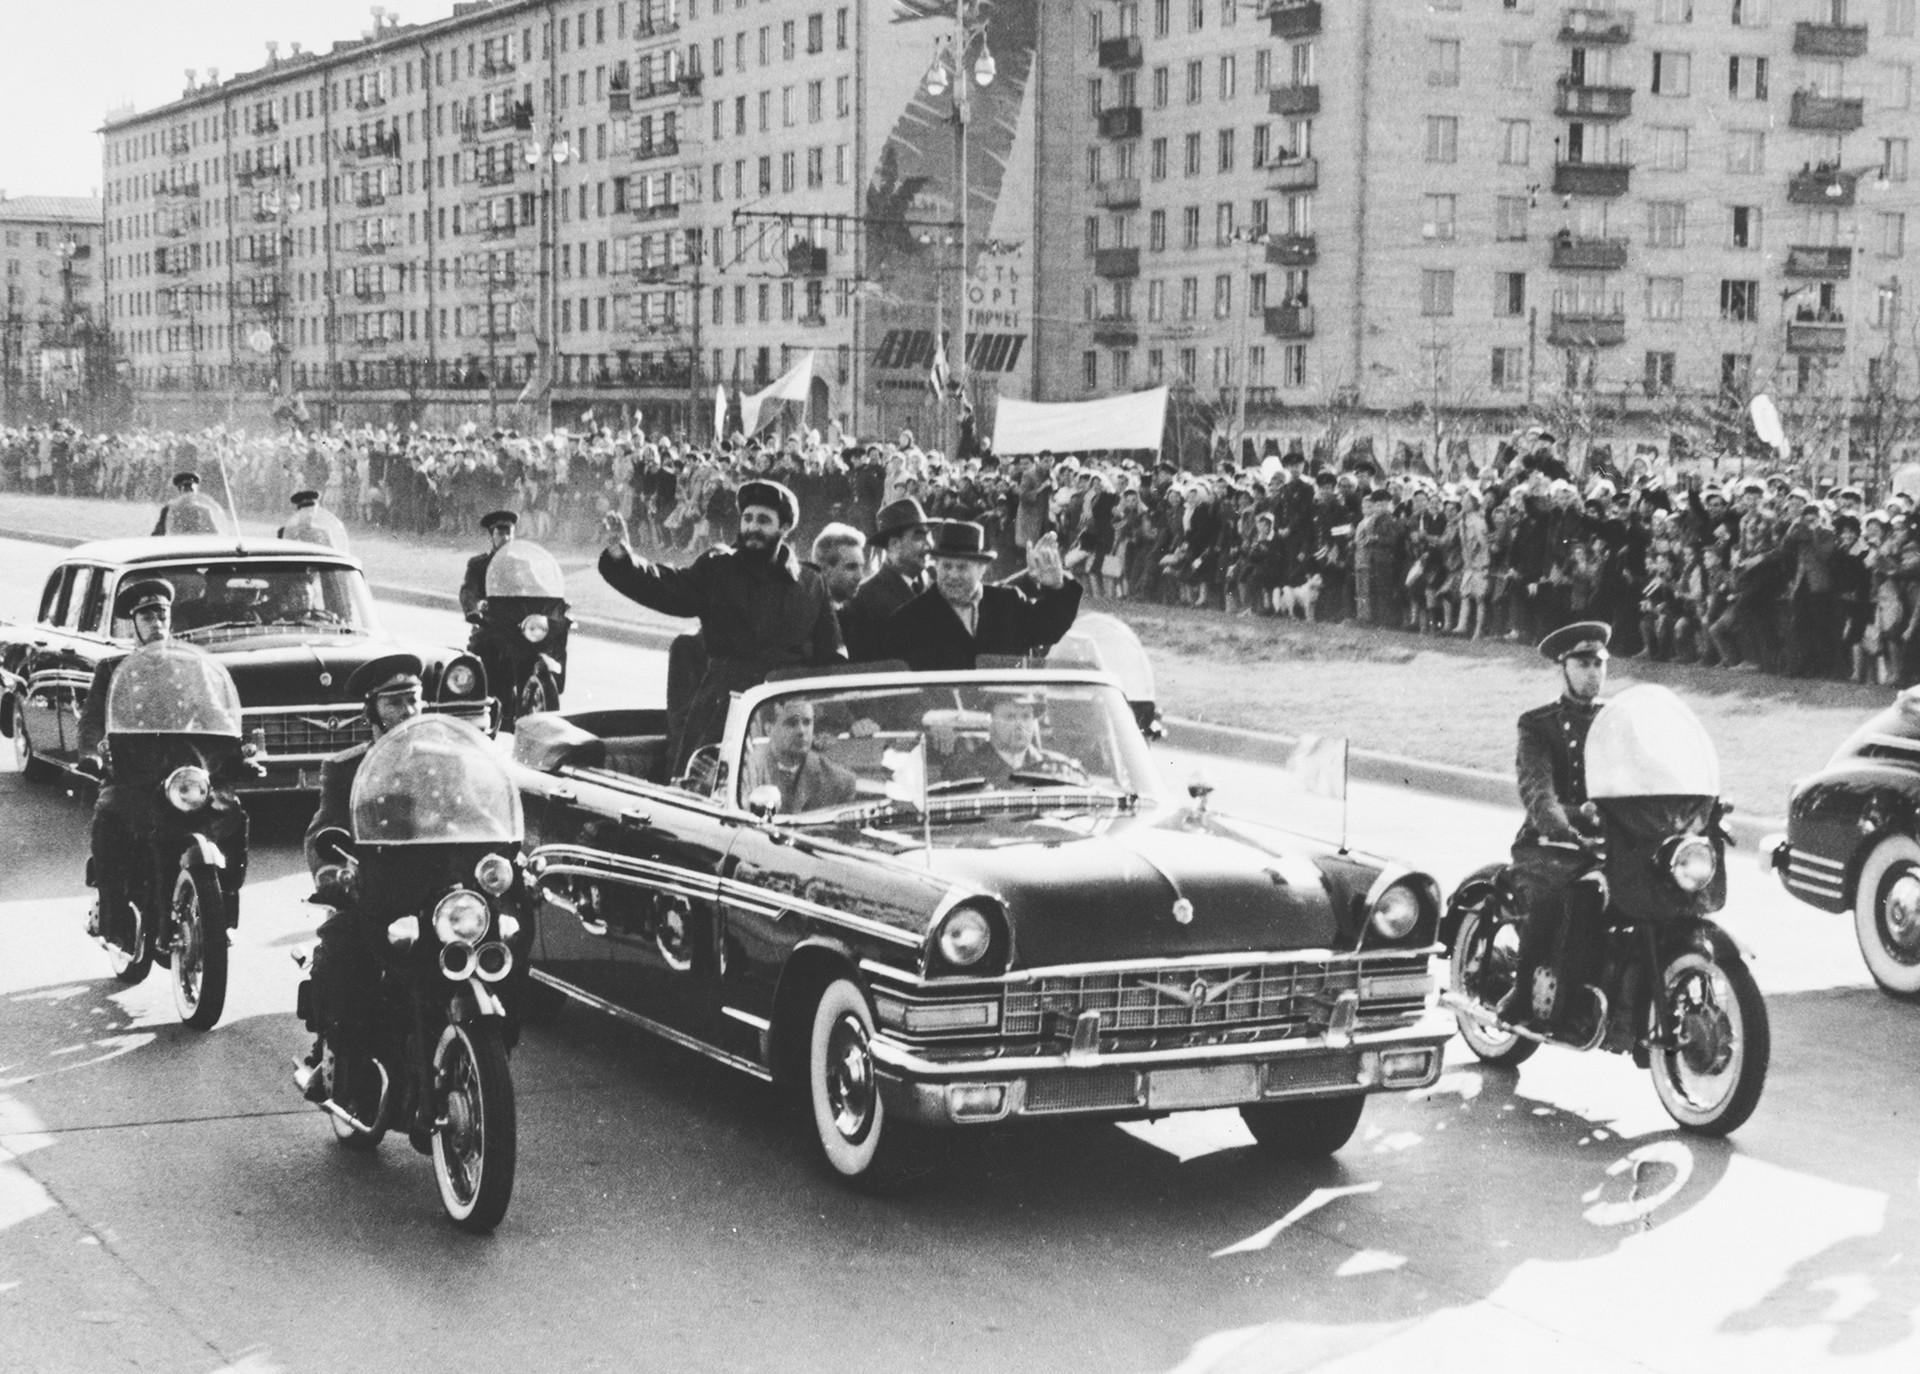 Никита Хрушчов воза по граду Фидела Кастра за време његове прве посете  Русији, 1 маја 1963. године. У аутомобилу је и Леонид Брежњев.